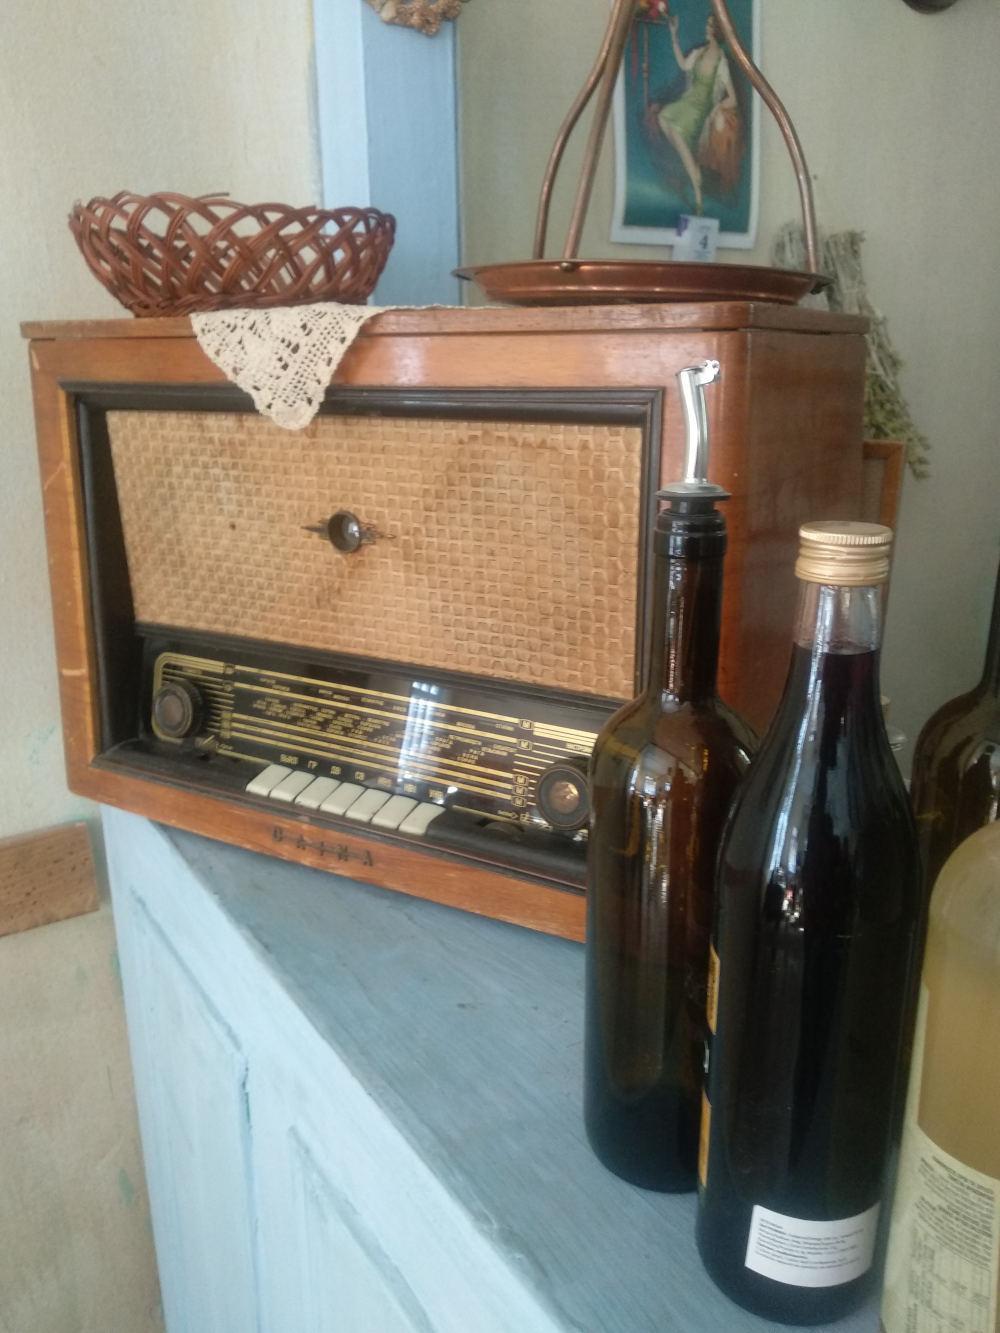 Το ξύλινο ραδιόφωνο στην άκρη του πάγκου του καφενείου. Το μόνο κτίριο που διαθέτει εσωτερικούς χώρους πίσω από τα εντυπωσιακά σκηνικά της σειράς «Άγριες Μέλισσες»